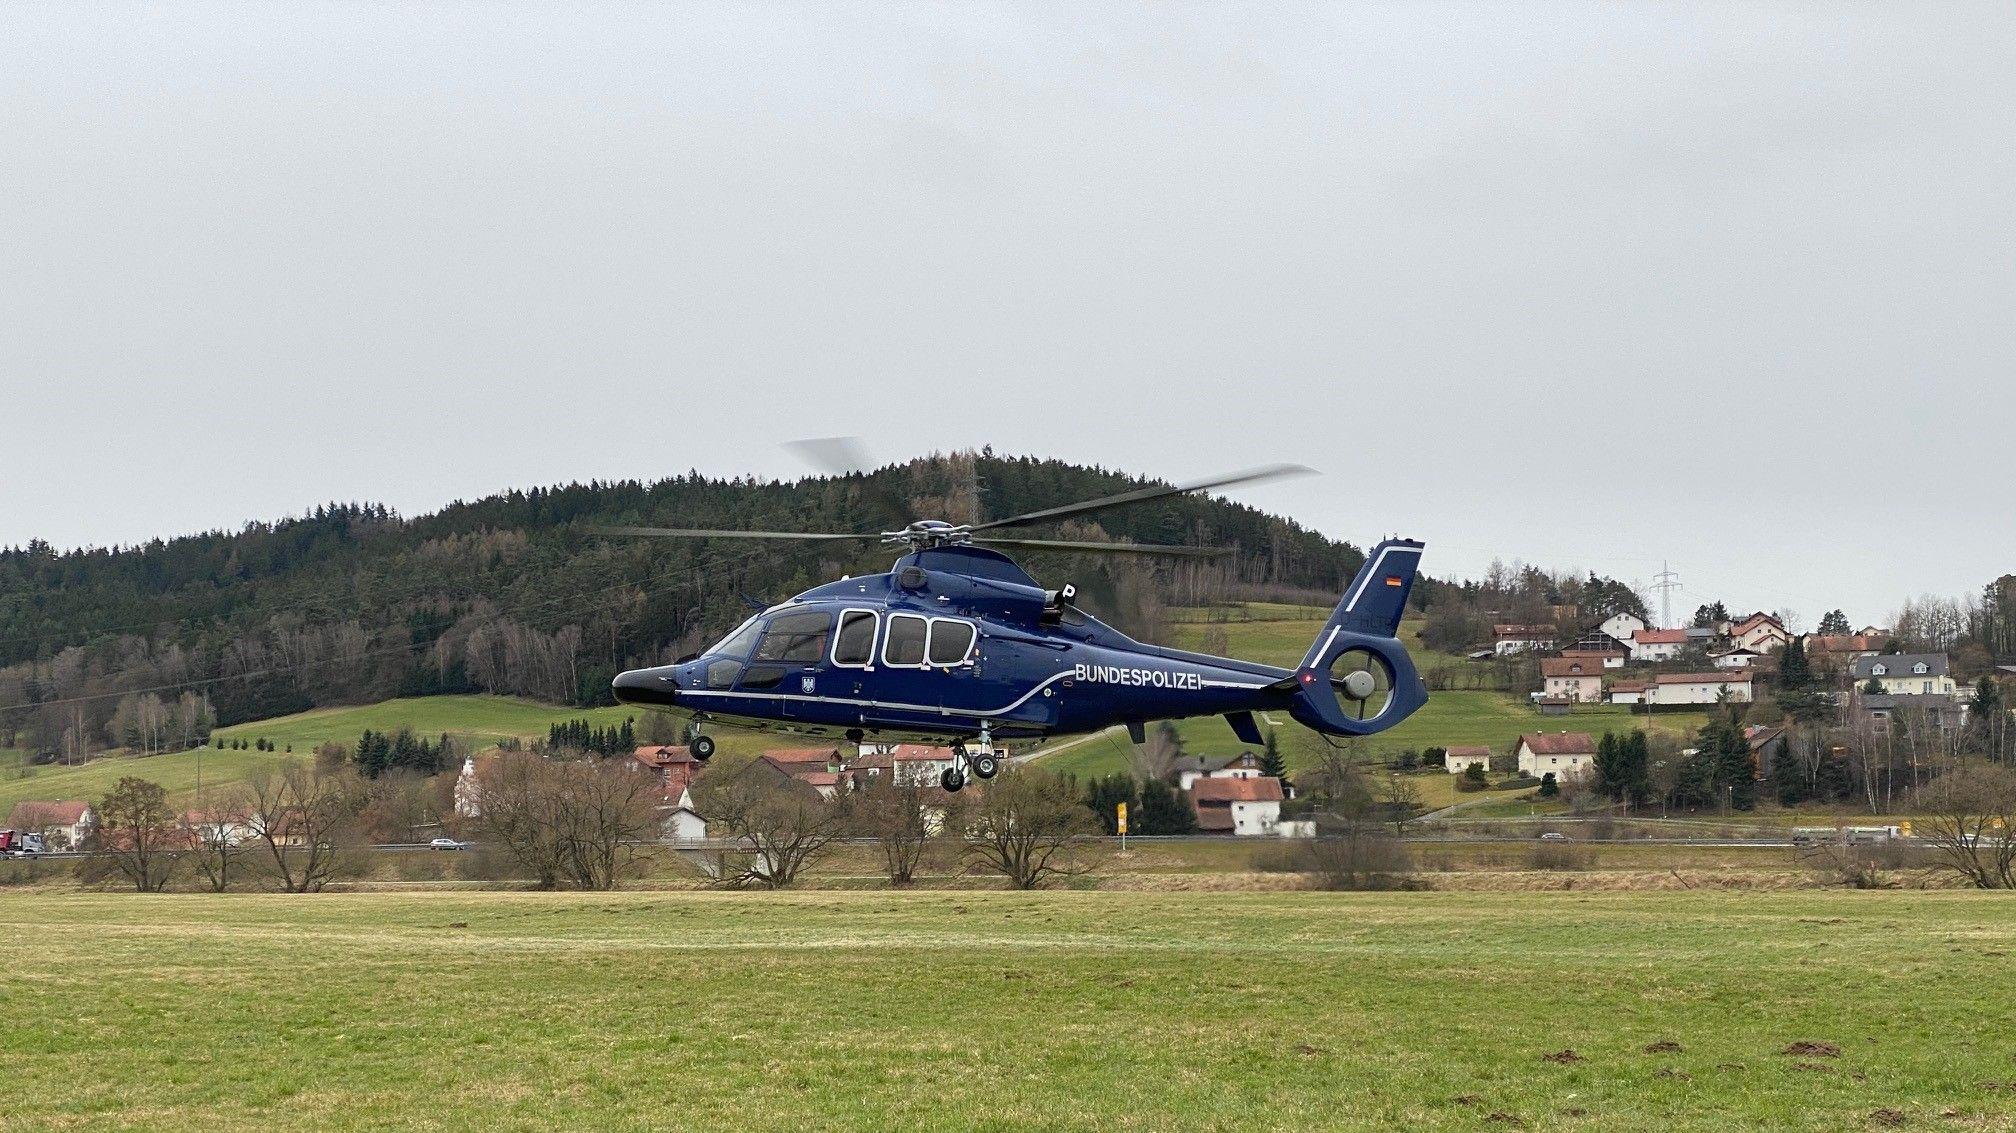 Ein Hubschrauber der Bundespolizei hebt ab